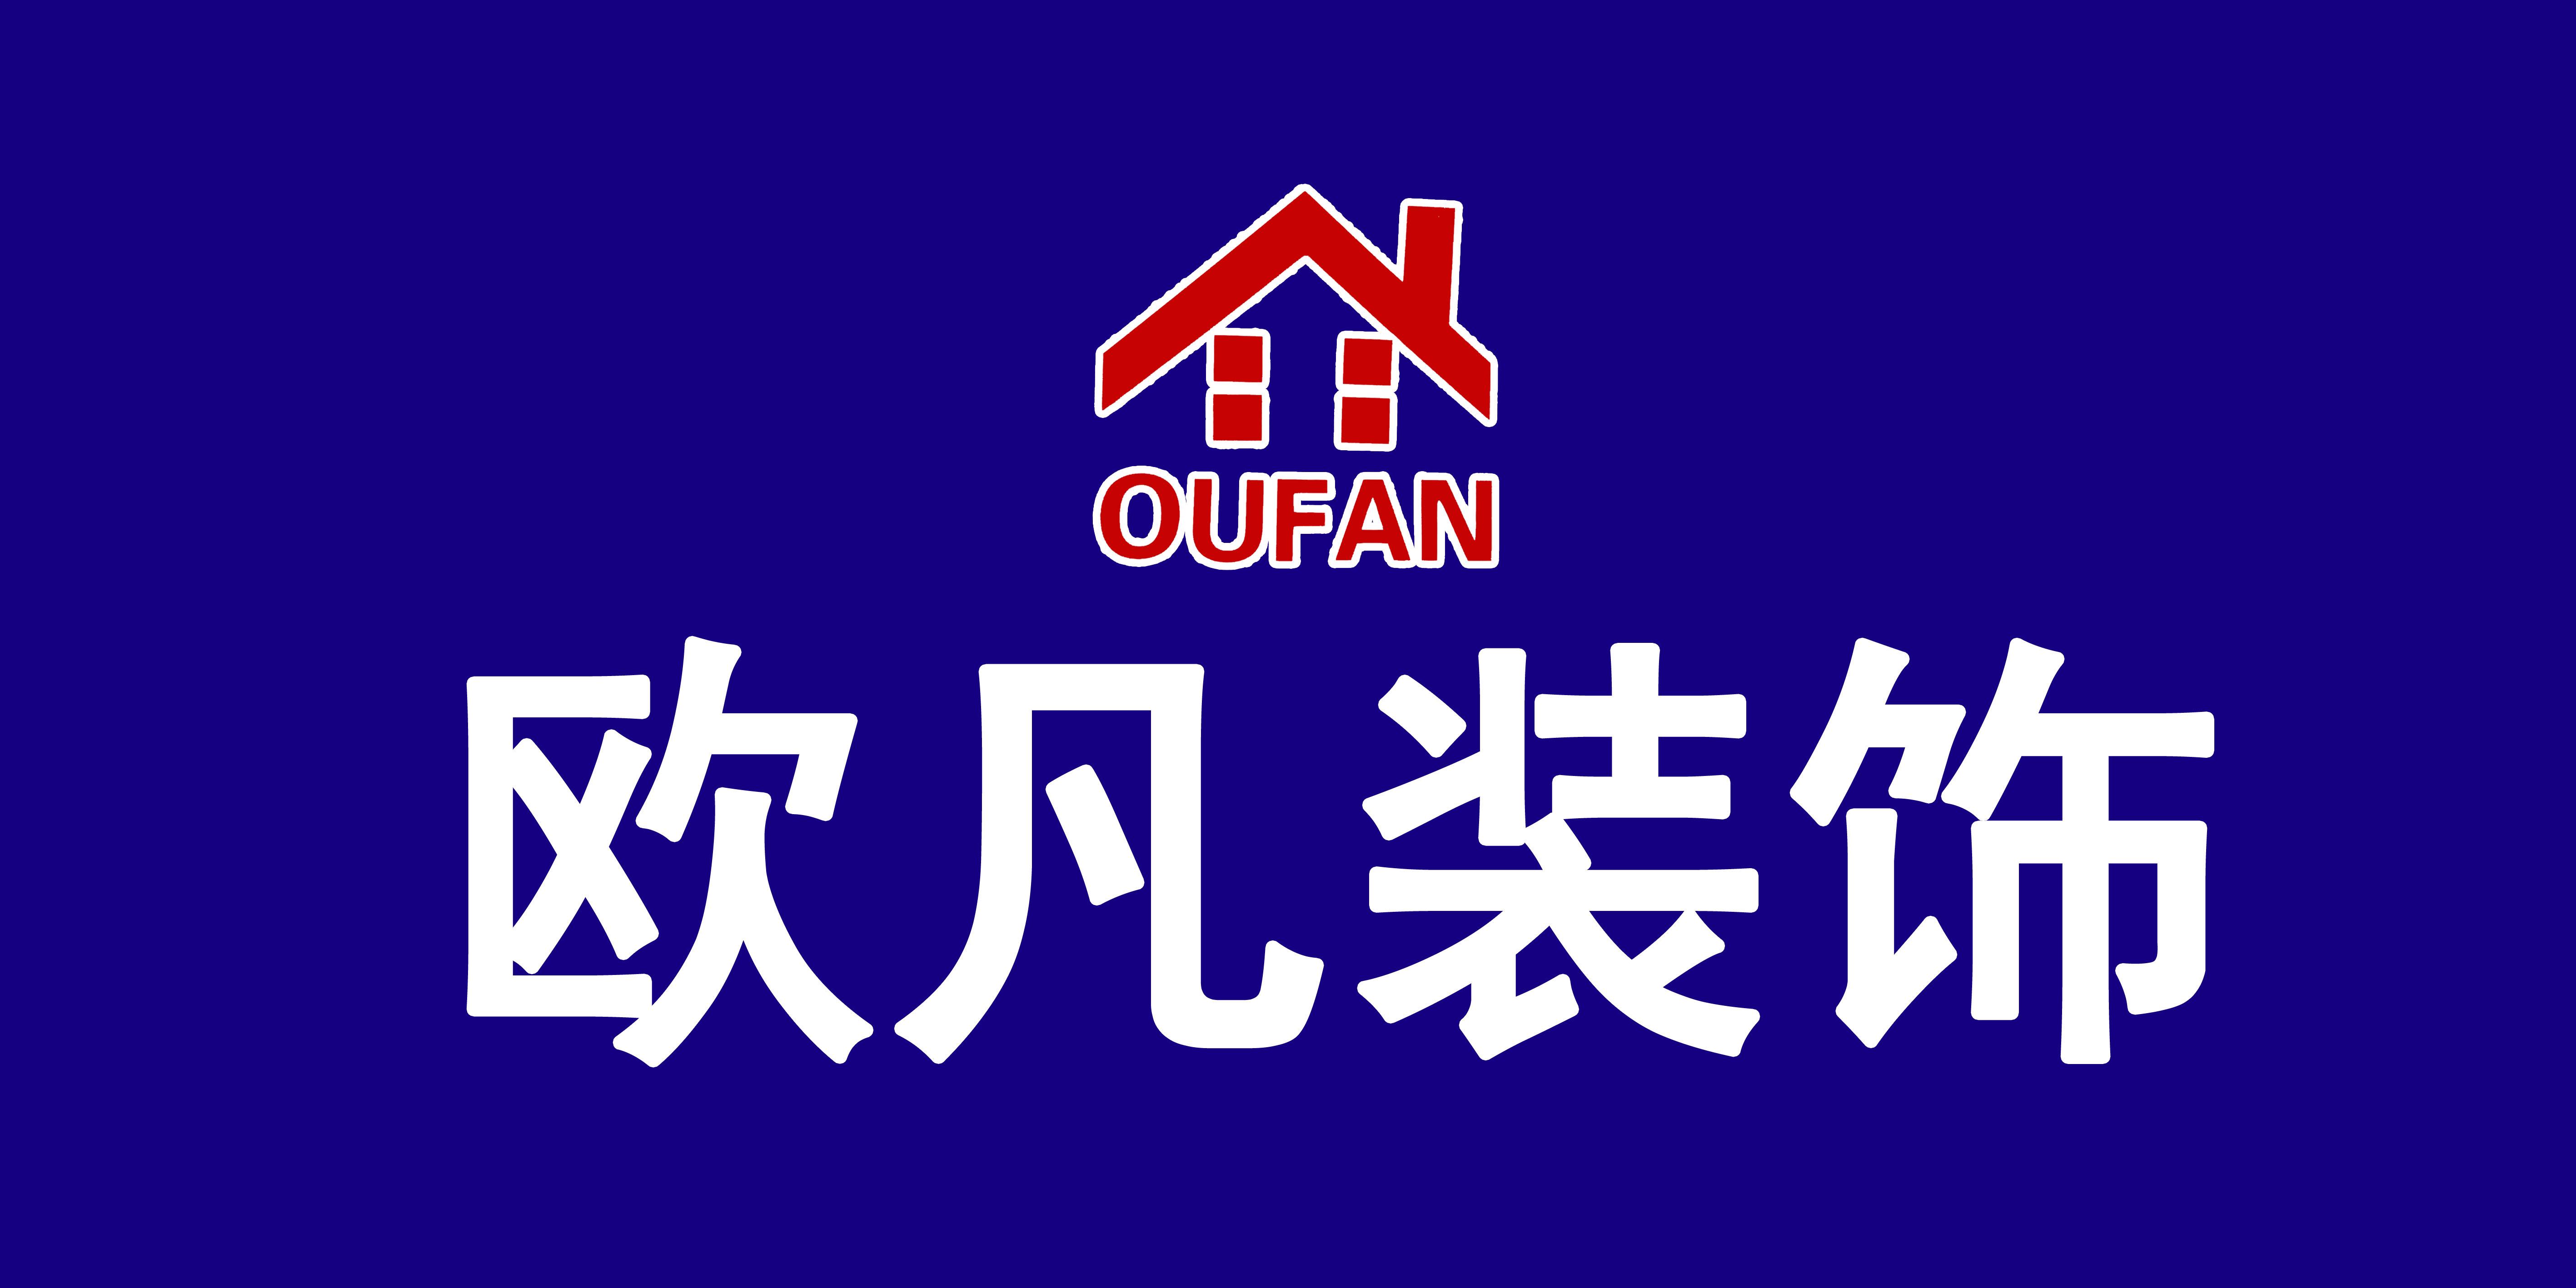 锦州欧凡装饰装修工程有限公司